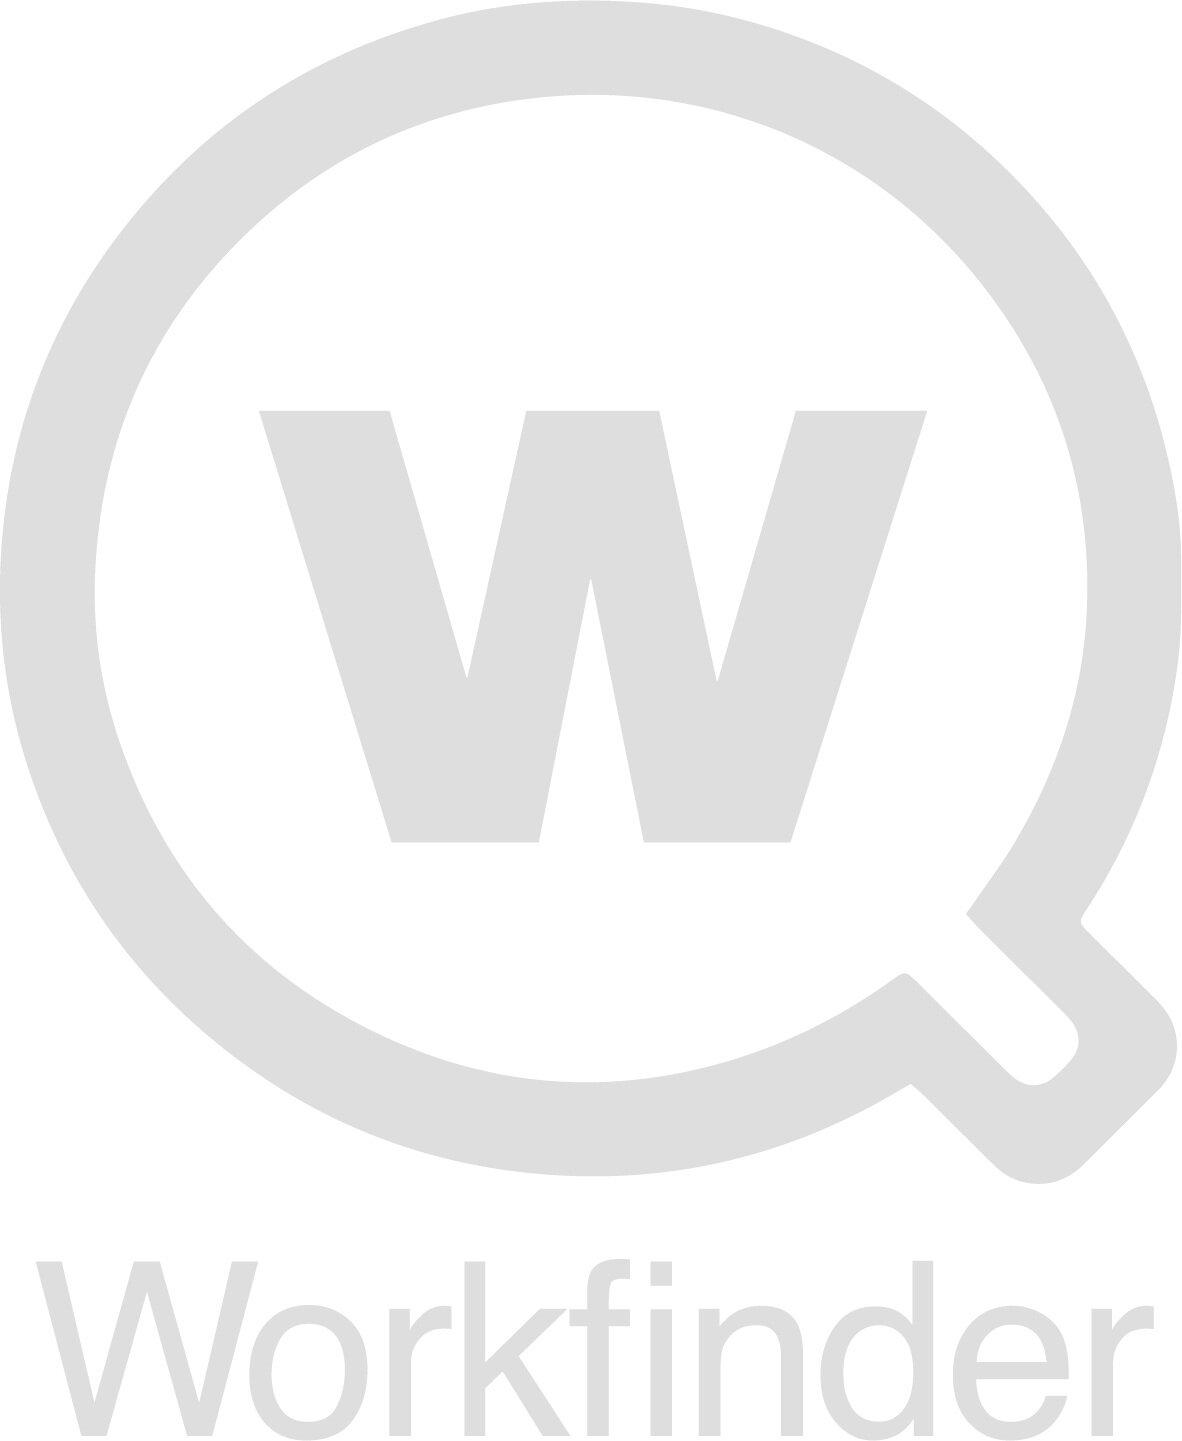 Workfnder_logo_green_RGB.png